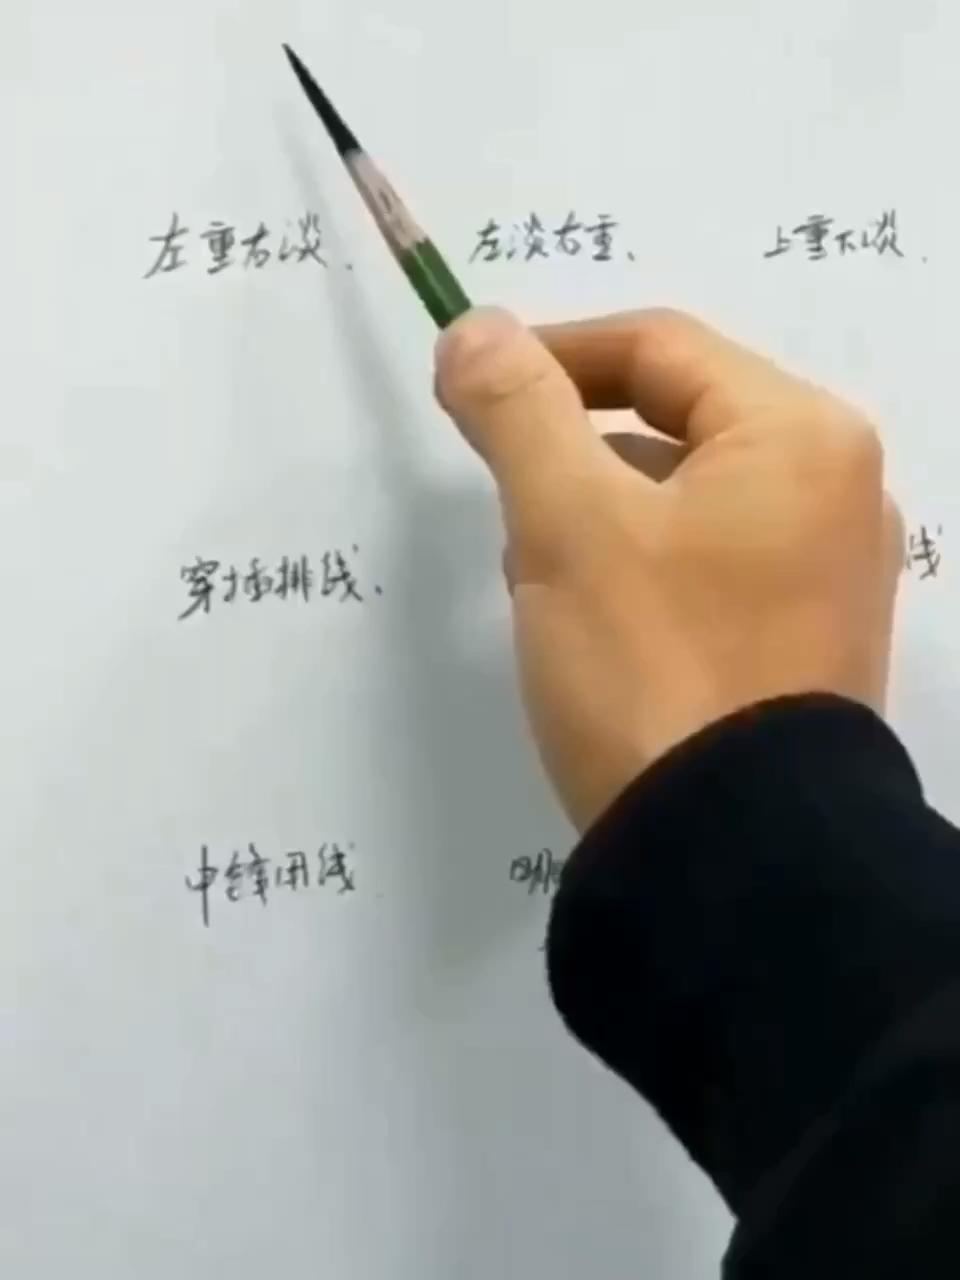 素描学习用线技巧!